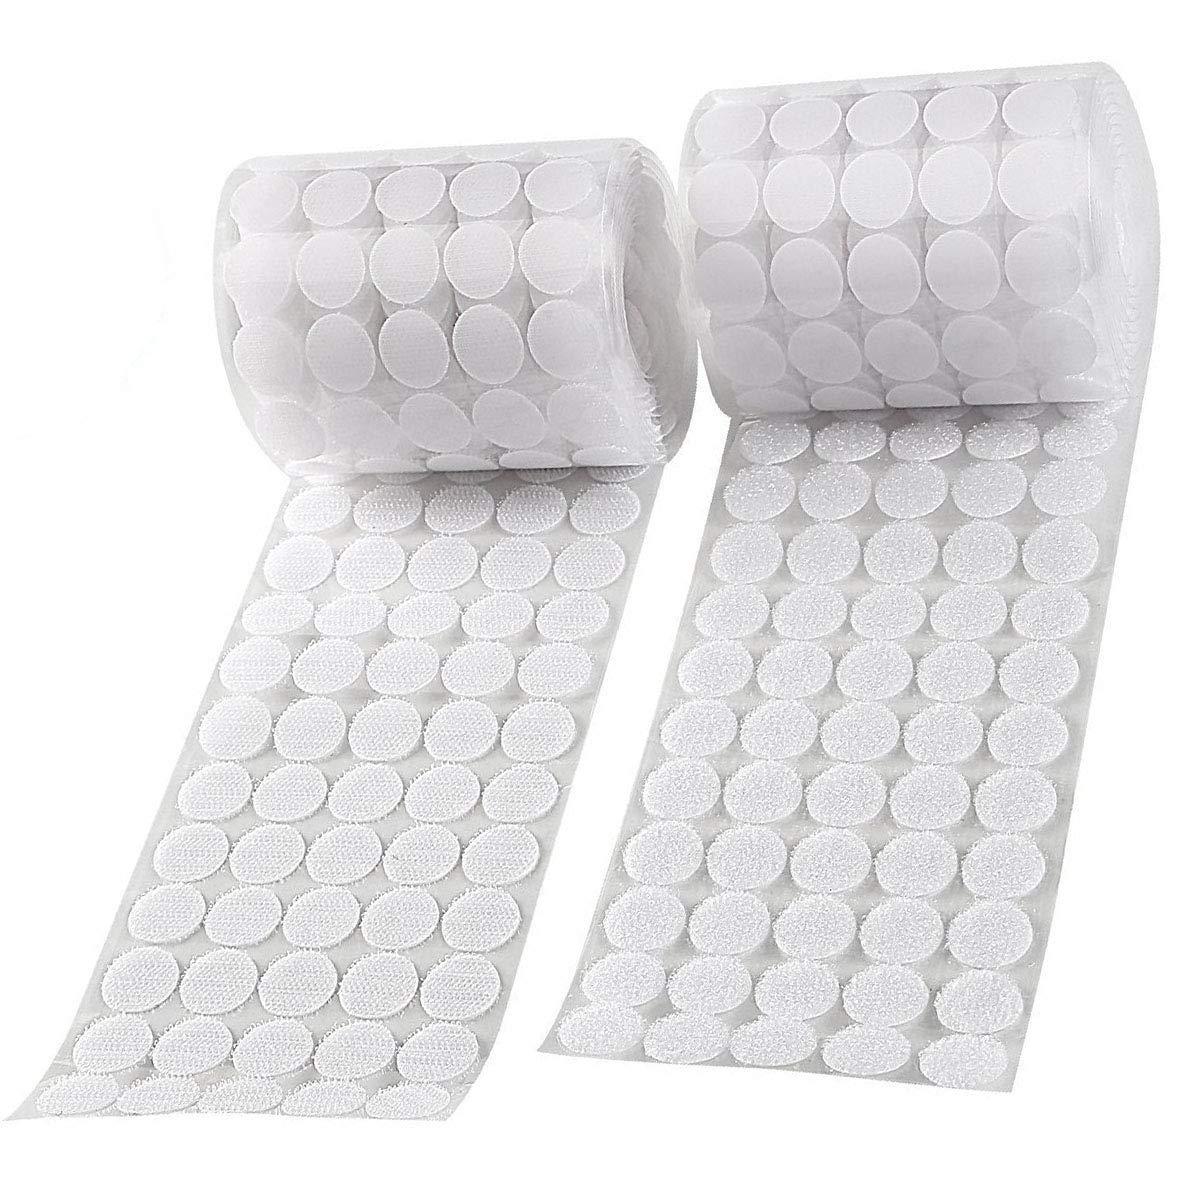 Tesan 1000 Stück Punkte Klettpunkte, Klettband Self Adhesive Klebend Klettverschluss Rund,500 Paar,20 mm,Weiß Weiß